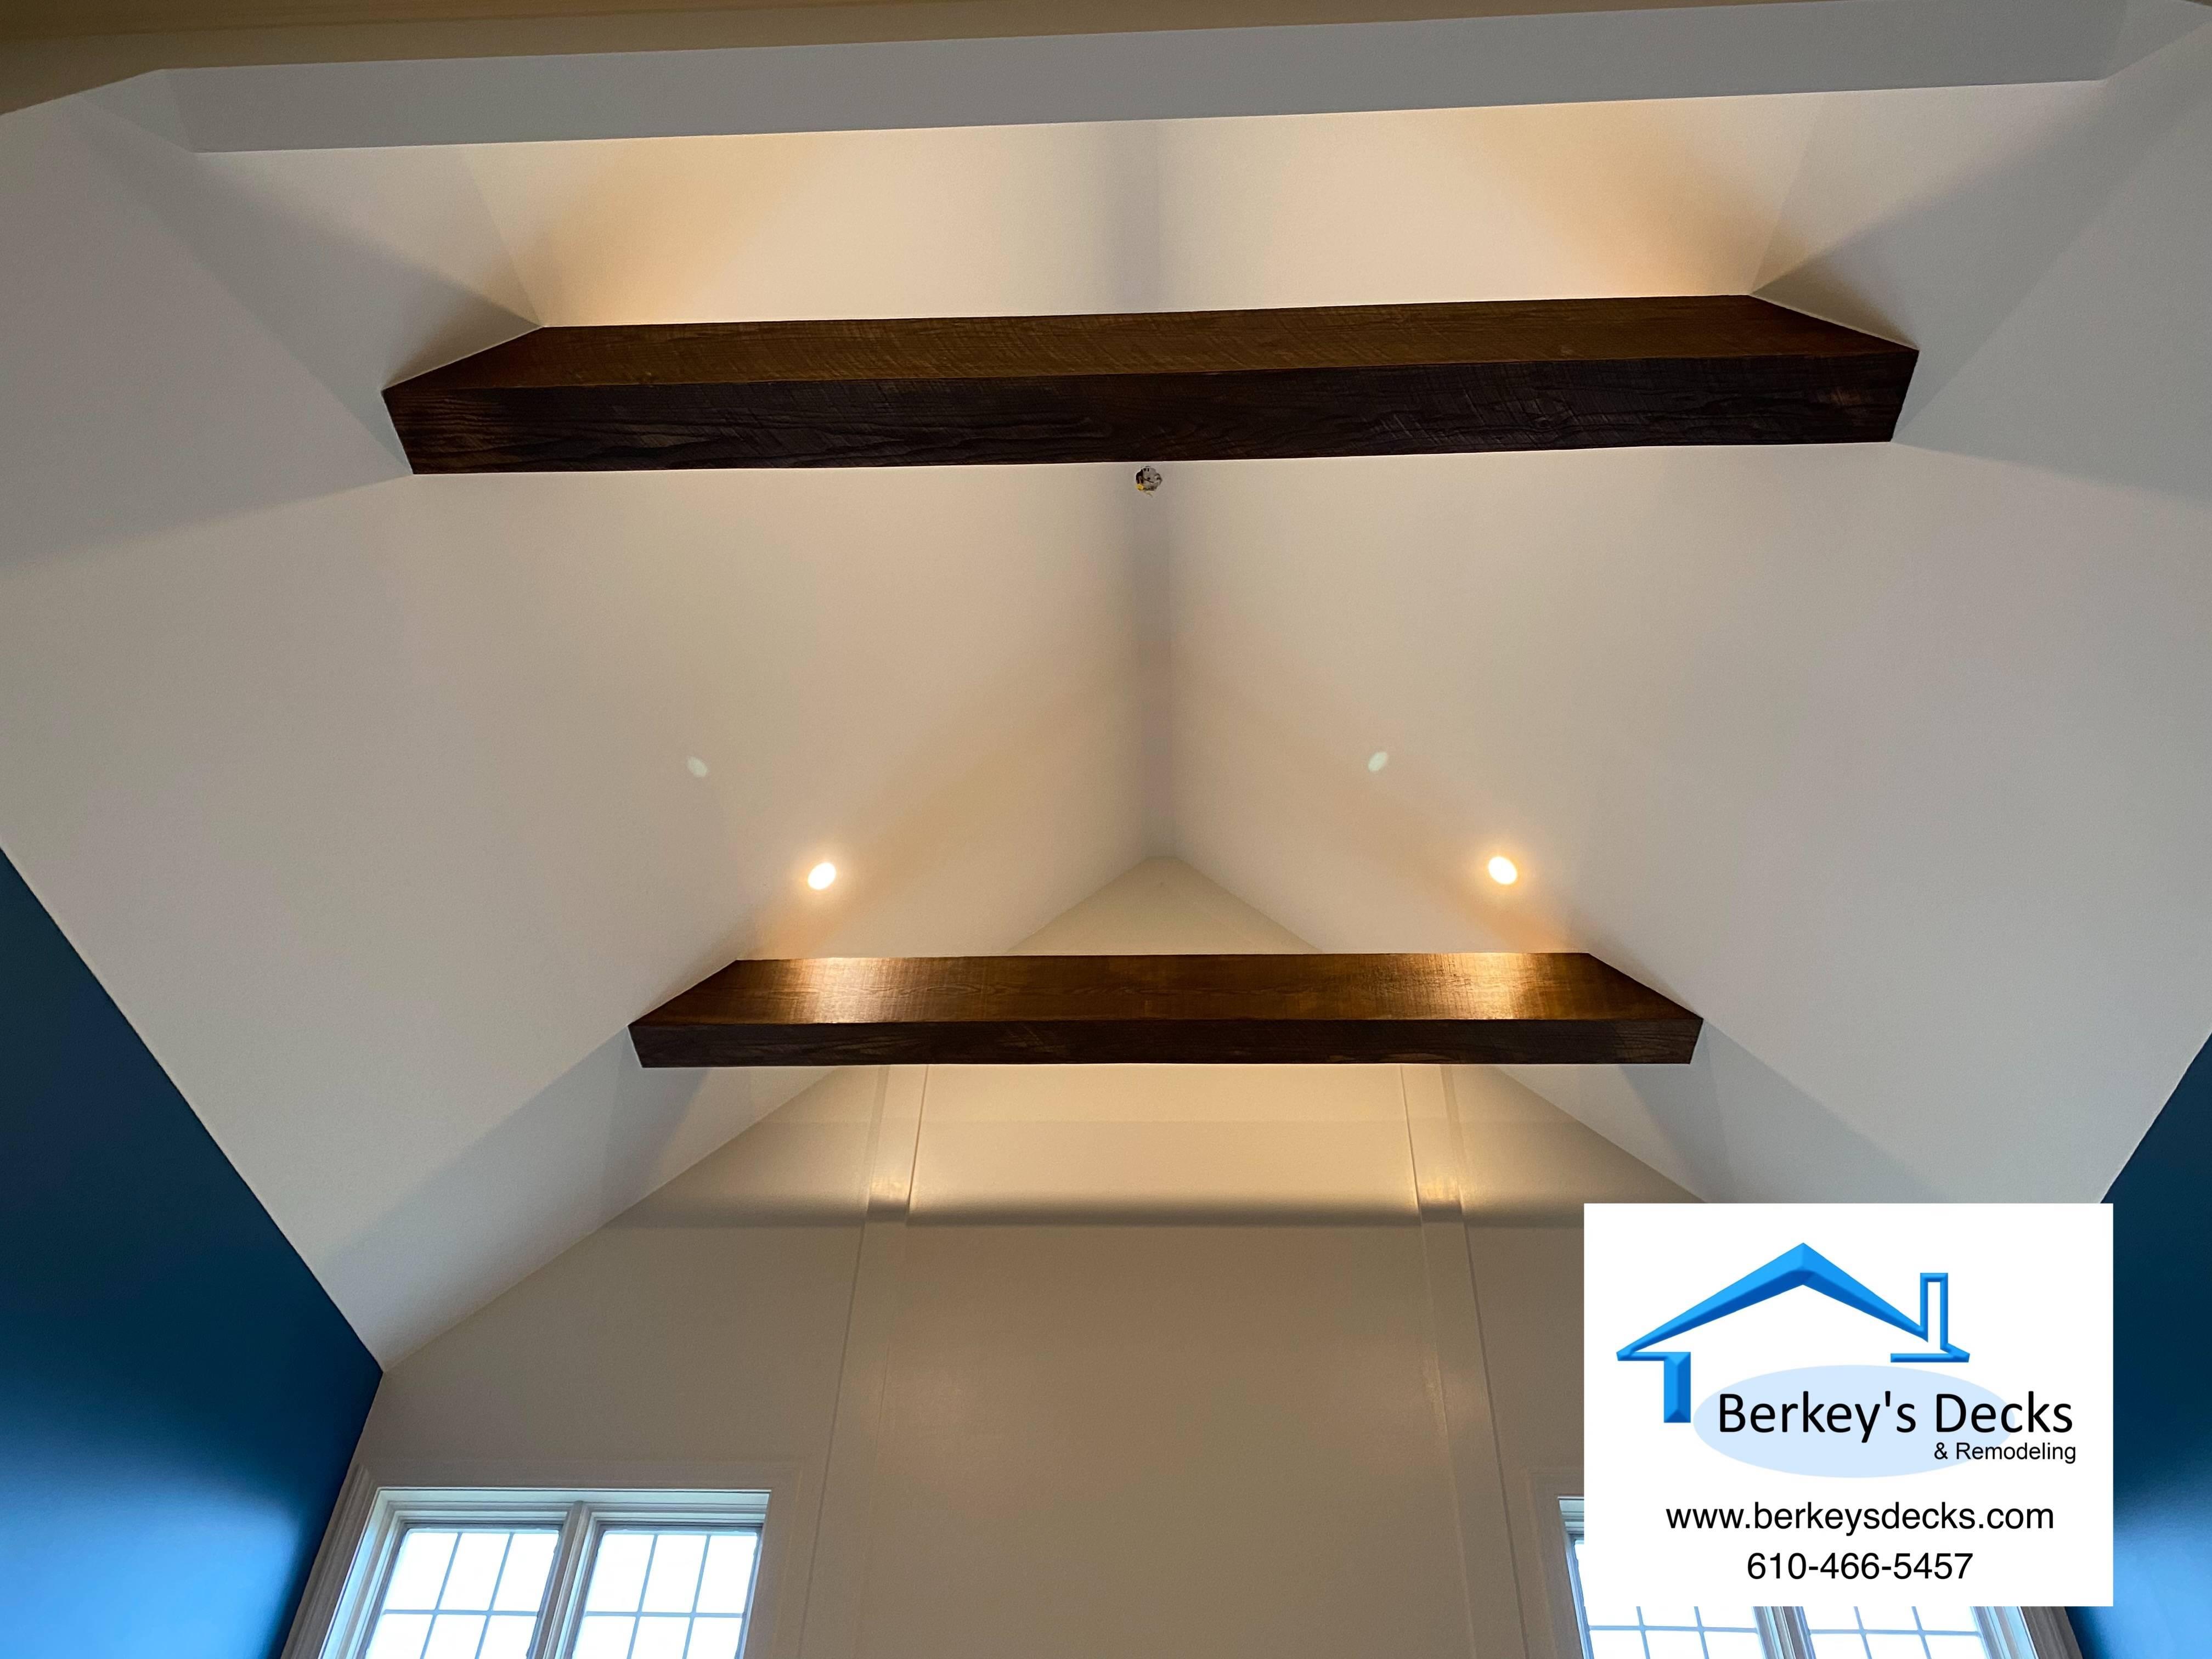 Custom made oak beams